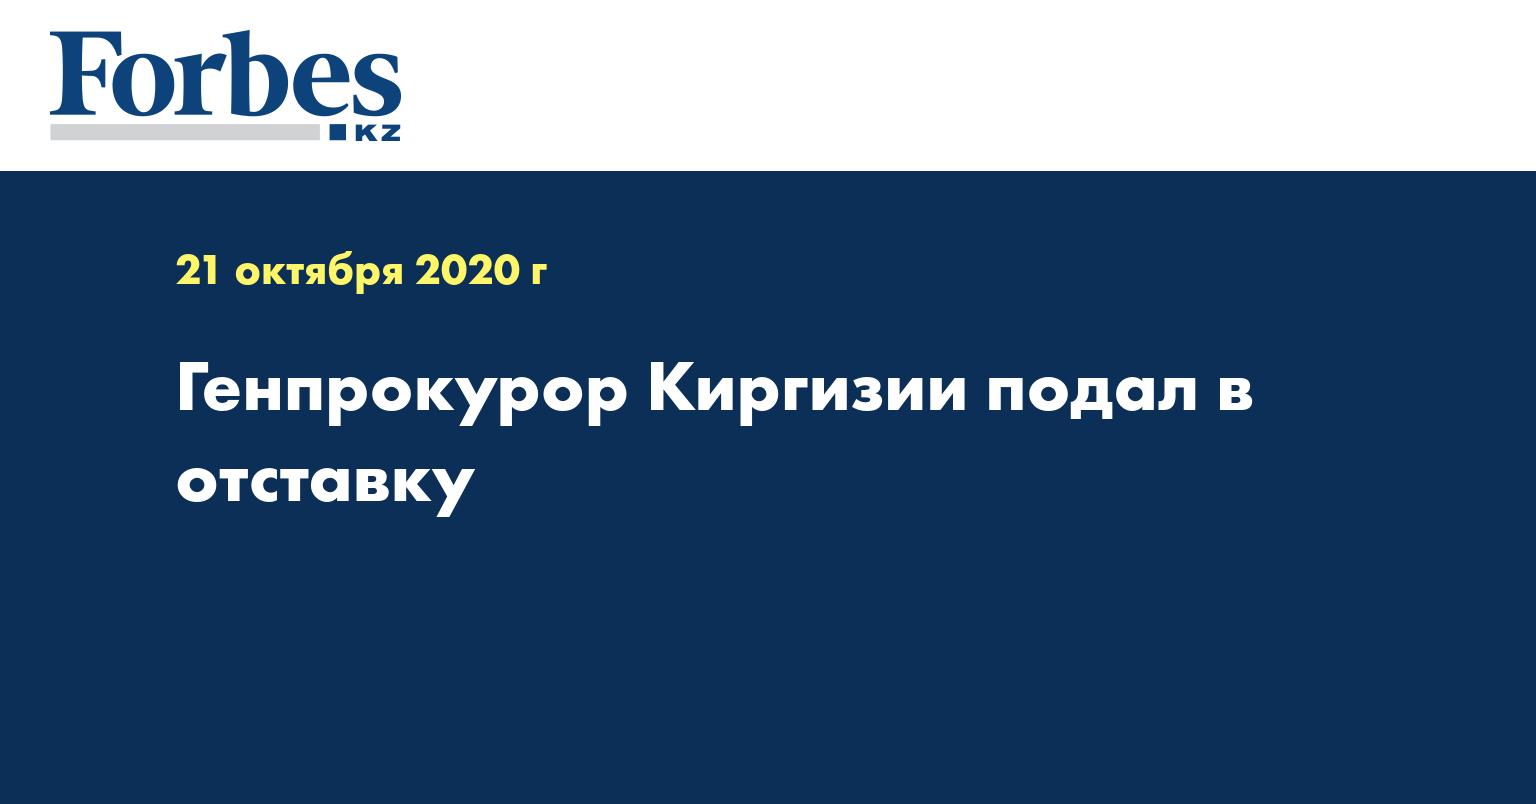 Генпрокурор Киргизии подал в отставку